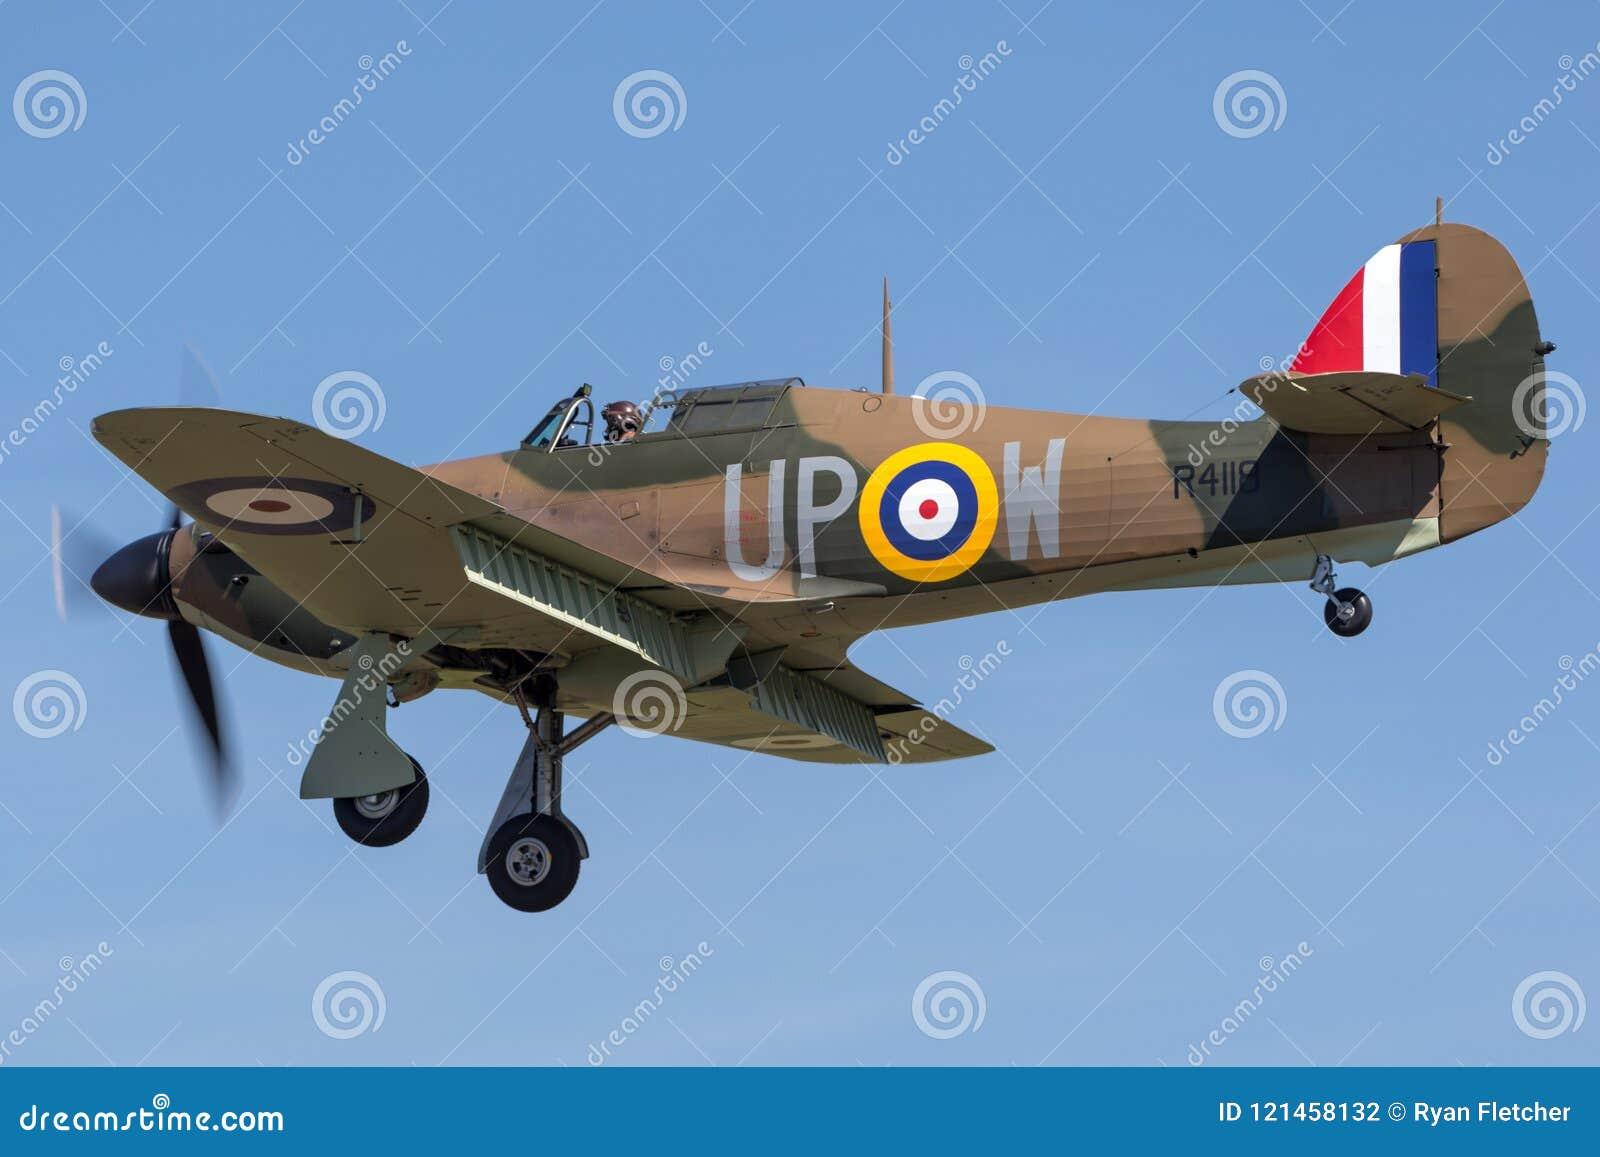 1940 τυφώνας MK πωλητών 1 προηγούμενα Royal Air Force RAF αεροσκάφη R4118 γ-HUPW Α και μια μάχη του επιζόντος της Μεγάλης Βρετανί